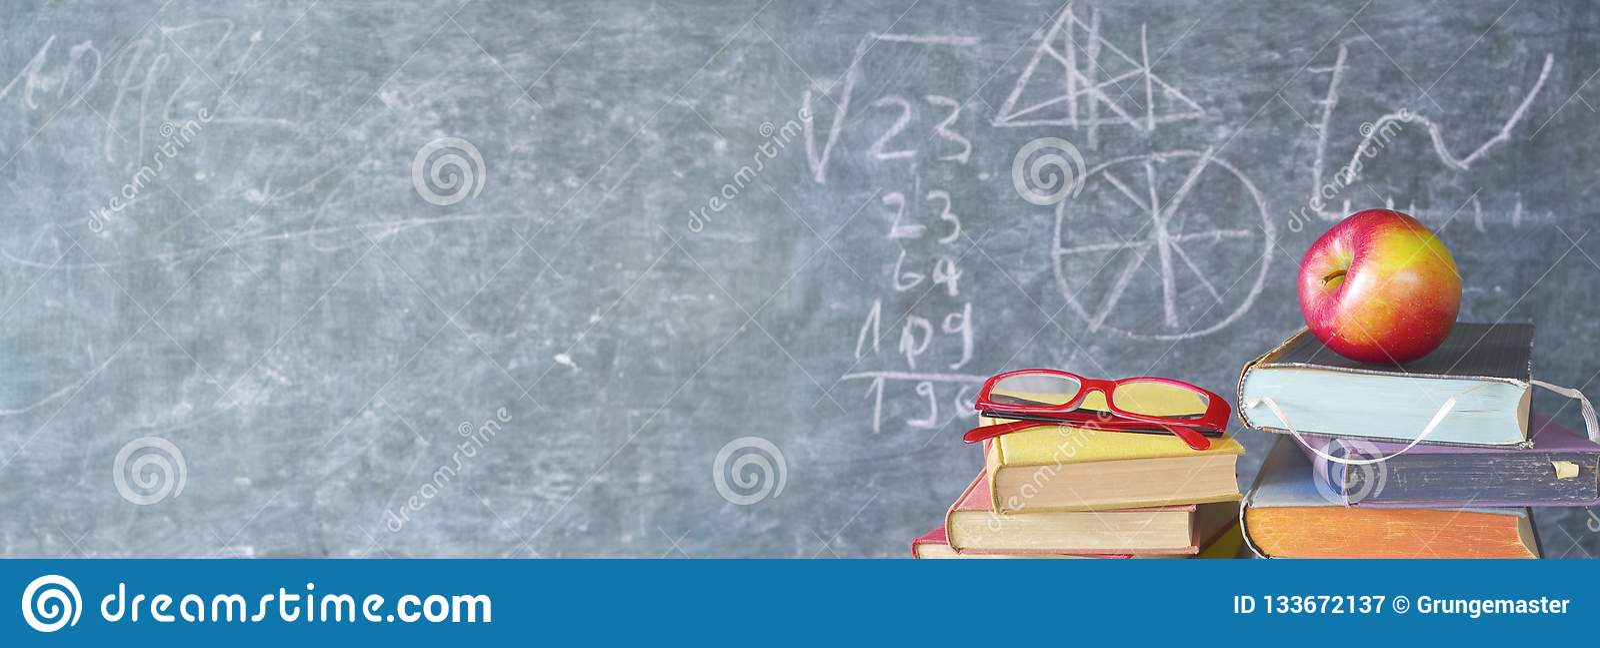 Livros, maçã, especs. na frente de uma placa preta, de volta à escola